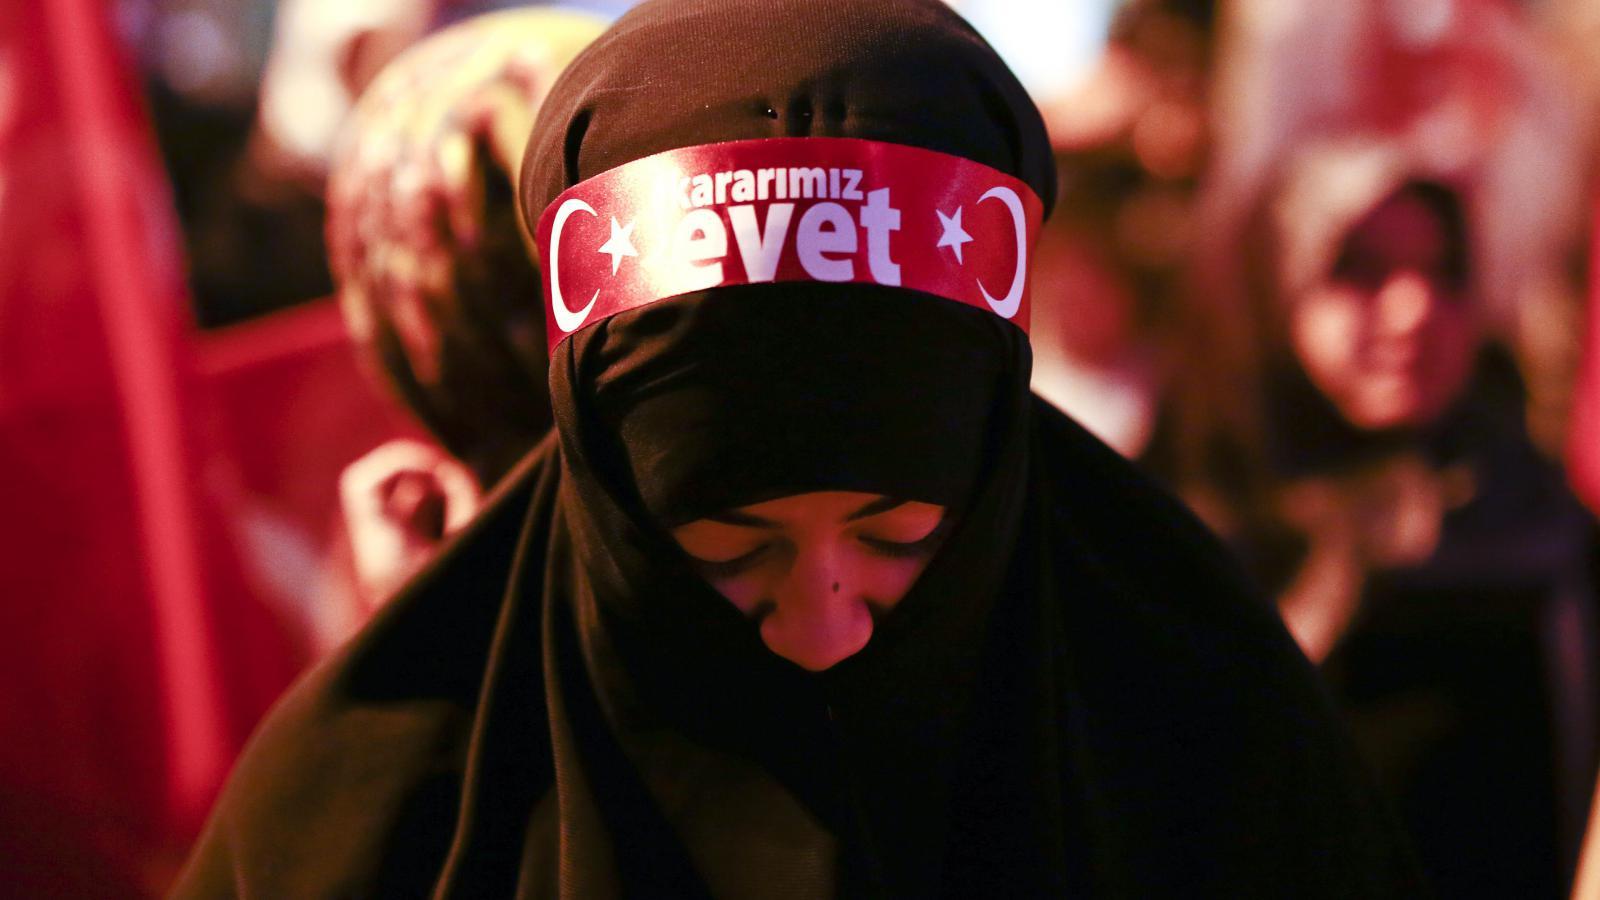 Podporovatelka prezidenta Erdogana